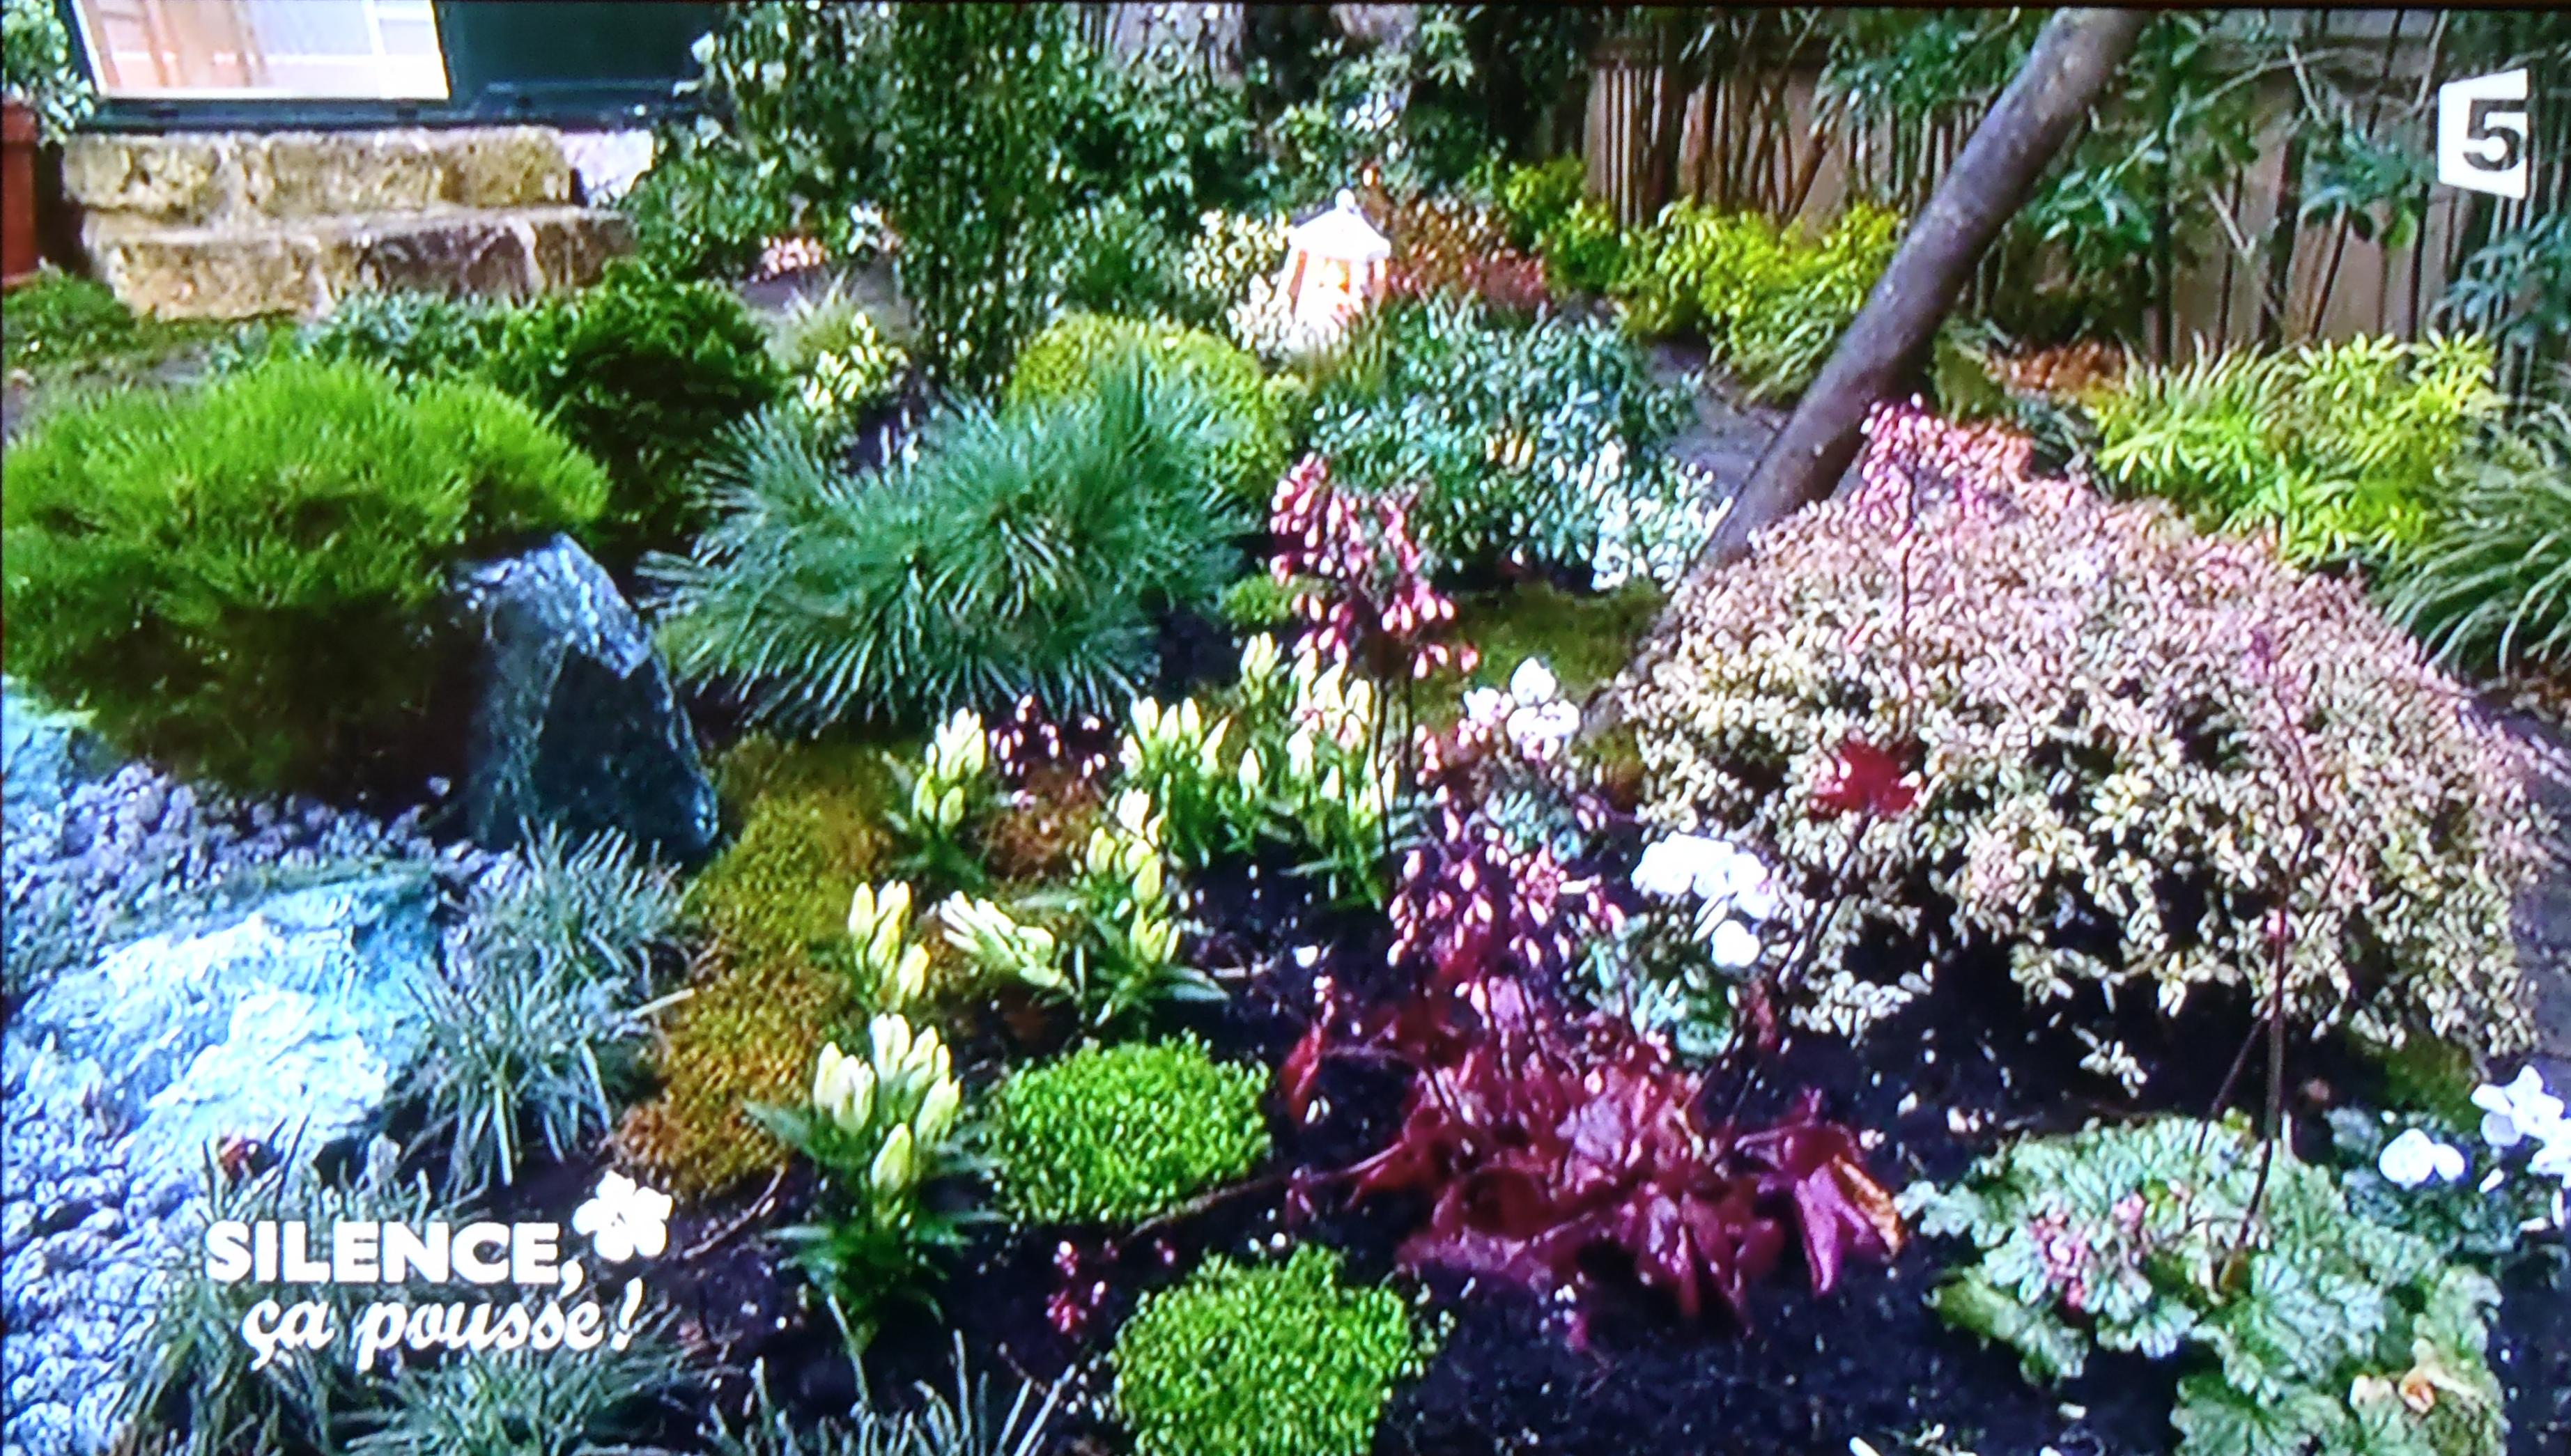 luxe petit jardin japonais idees de salon de jardin With exceptional idee amenagement jardin rectangulaire 8 jardin zen et japonais dijon design paysage